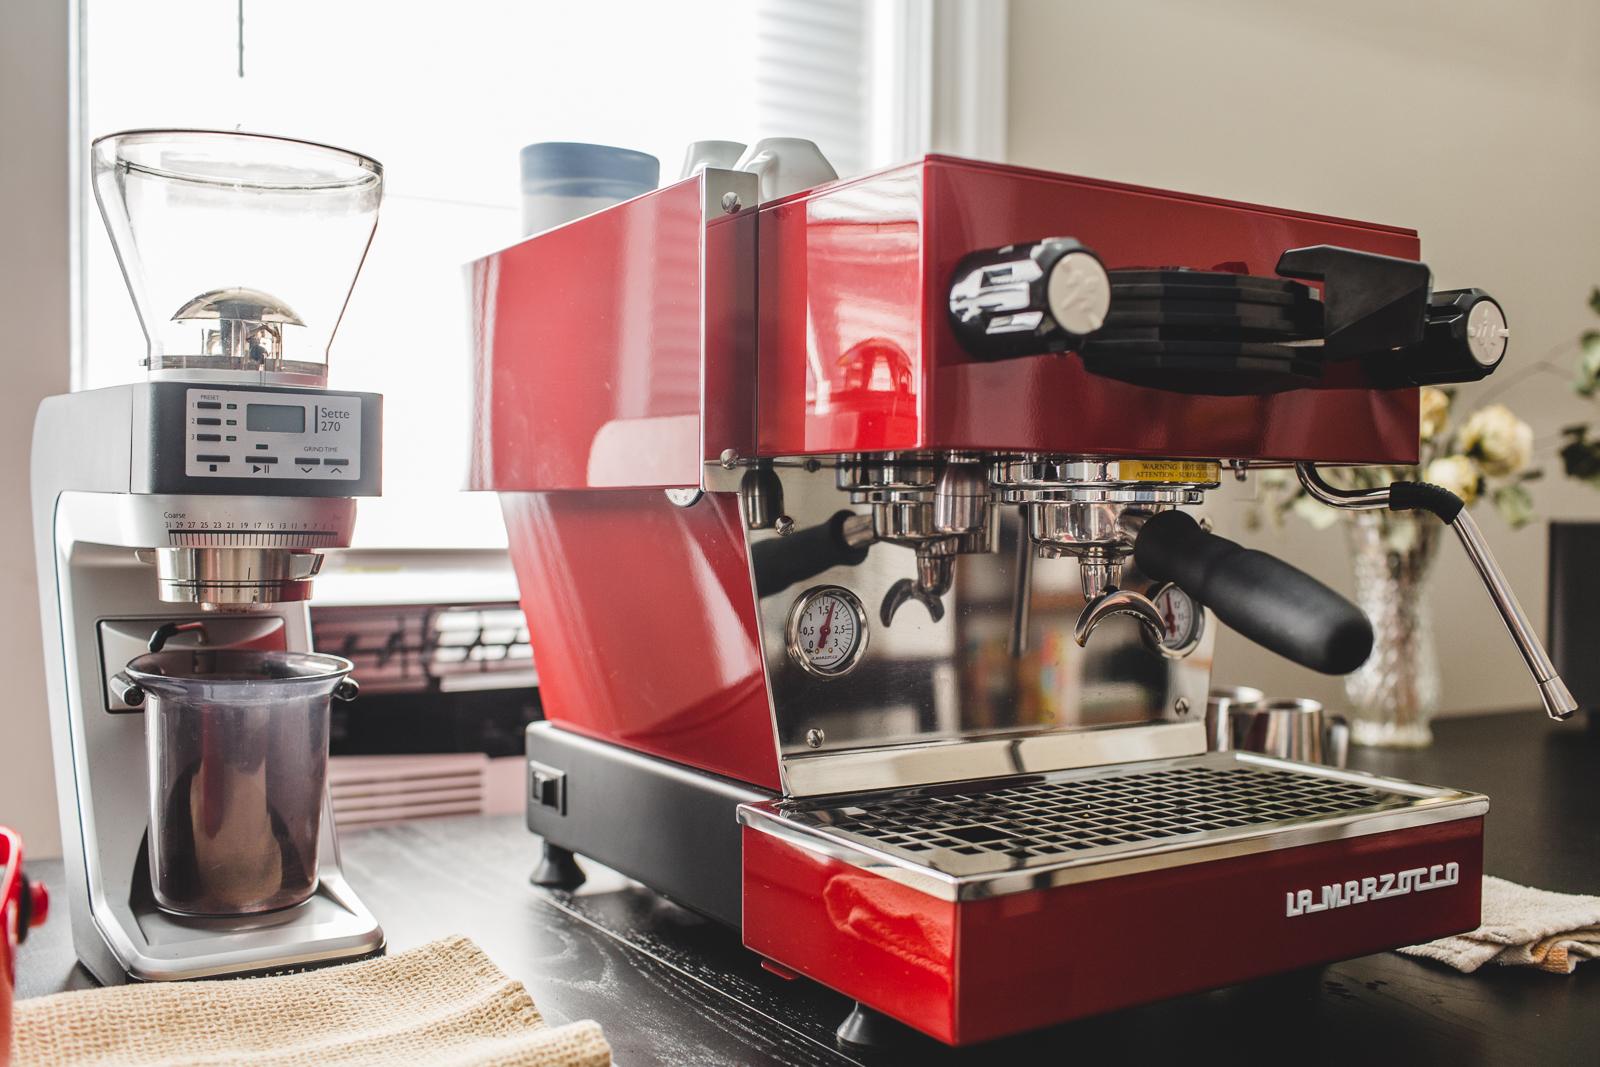 Linea Mini espresso machine at home